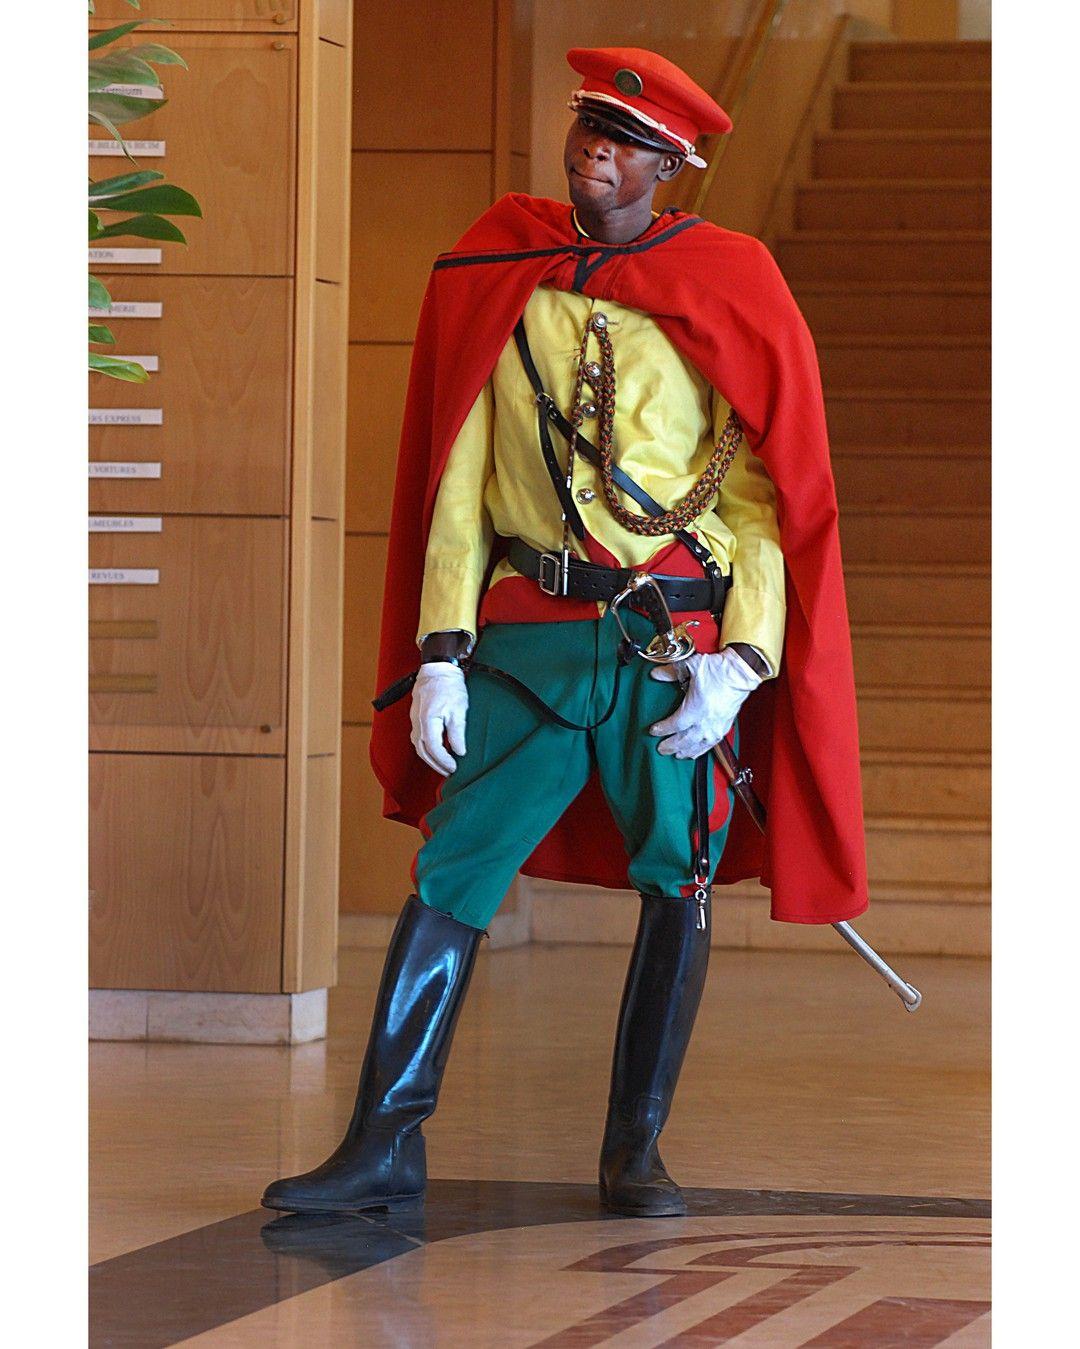 Un jour en #Afrique  #2007 - Membre de la garde présidentielle du président #Touré au #Mali. Photo : Benoît Gysembergh / #ParisMatch - Plus d'#archives sur @parismatch_vintage by parismatch_magazine